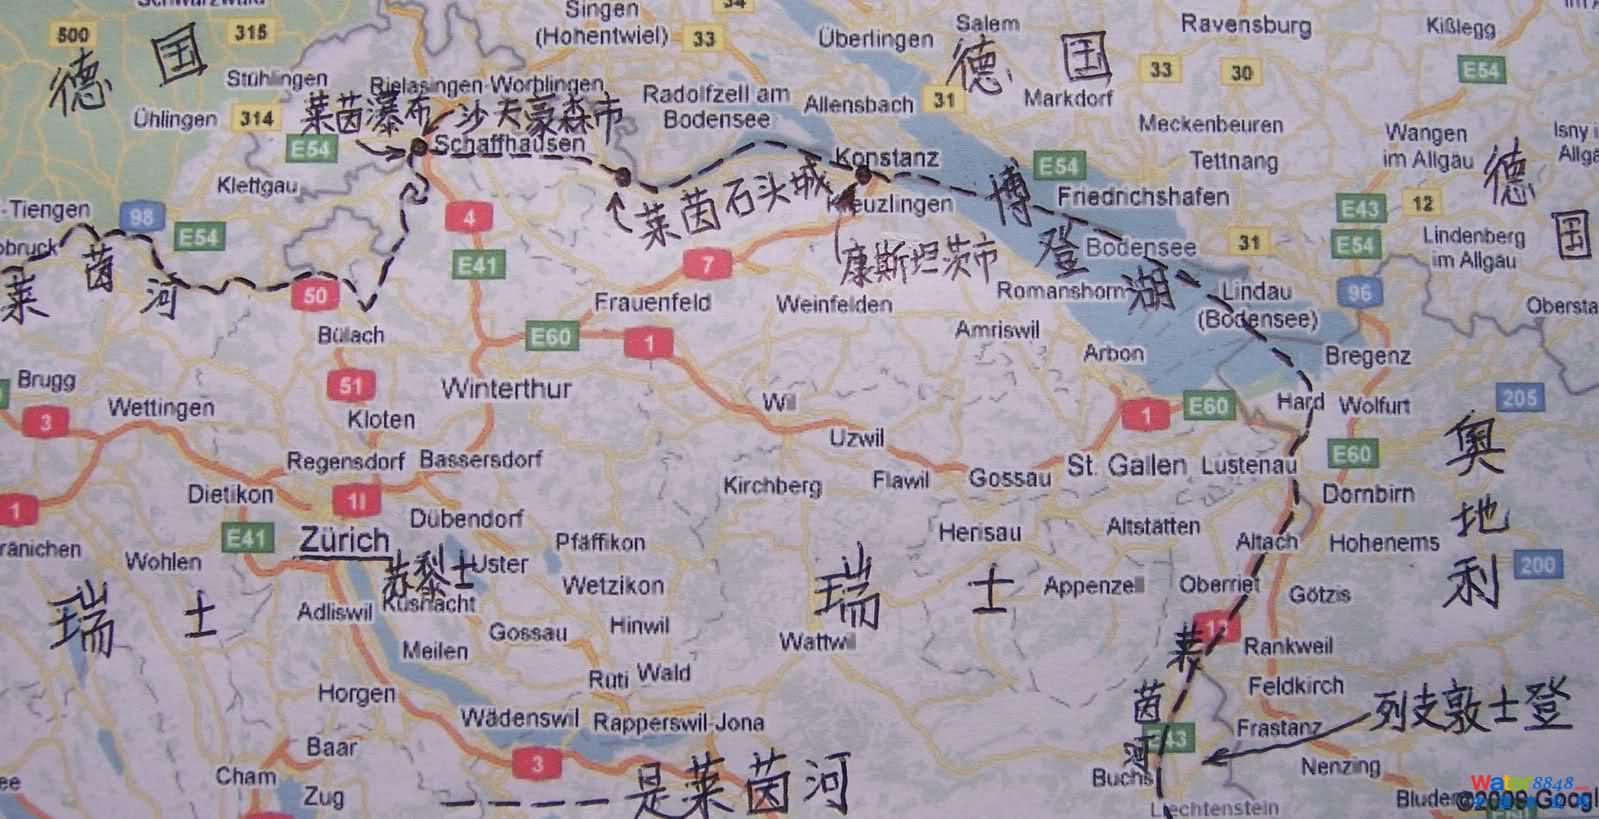 图 4-2 , 瑞士境内的博登湖一角。 博登湖: 我们是先去的博登湖,博登湖位于苏黎士向东大约 70 公里,开车约一个小时。图 4-2 是瑞士境内的博登湖。 平静的湖水碧蓝,湖中白帆点点,湖边山坡上绿荫丛中有一座座漂亮的旅游别墅。博登湖,又称康斯坦茨湖,位于瑞士,德国和奥地利三国交界处,是三国共同管理的高档度假休闲游览区。图 4-2 中路边有一个路牌,上边标注到 Konstanz 27 公里。 Konstanz 市,中文译作康斯坦茨市,是博登湖区内的最大城市,也是博登湖的管理中心和旅游中心,位于德国境内